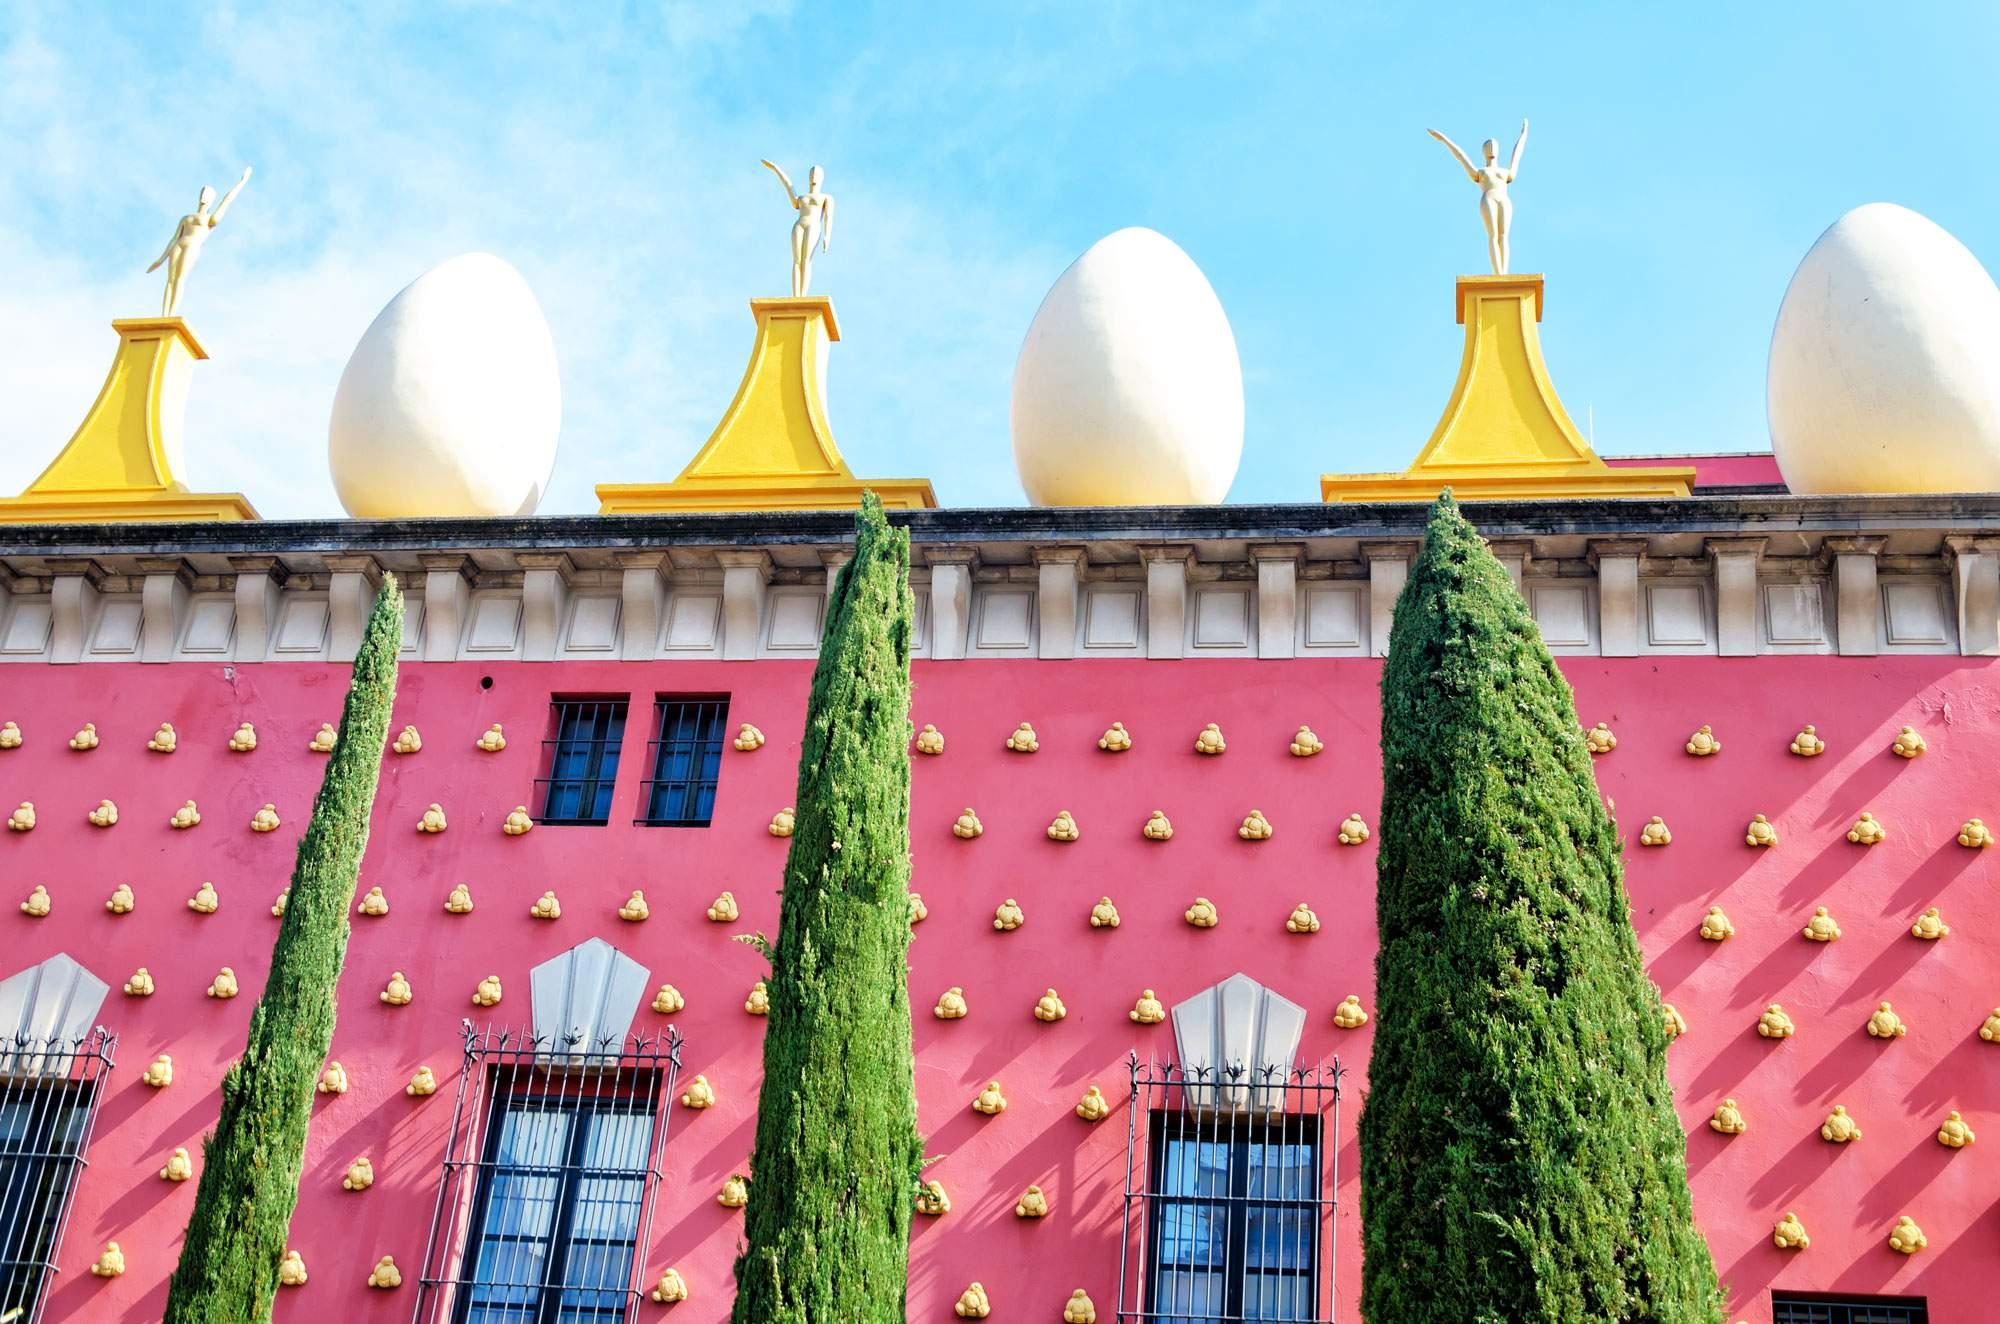 dali-museum-figueres-spain-travel-tour